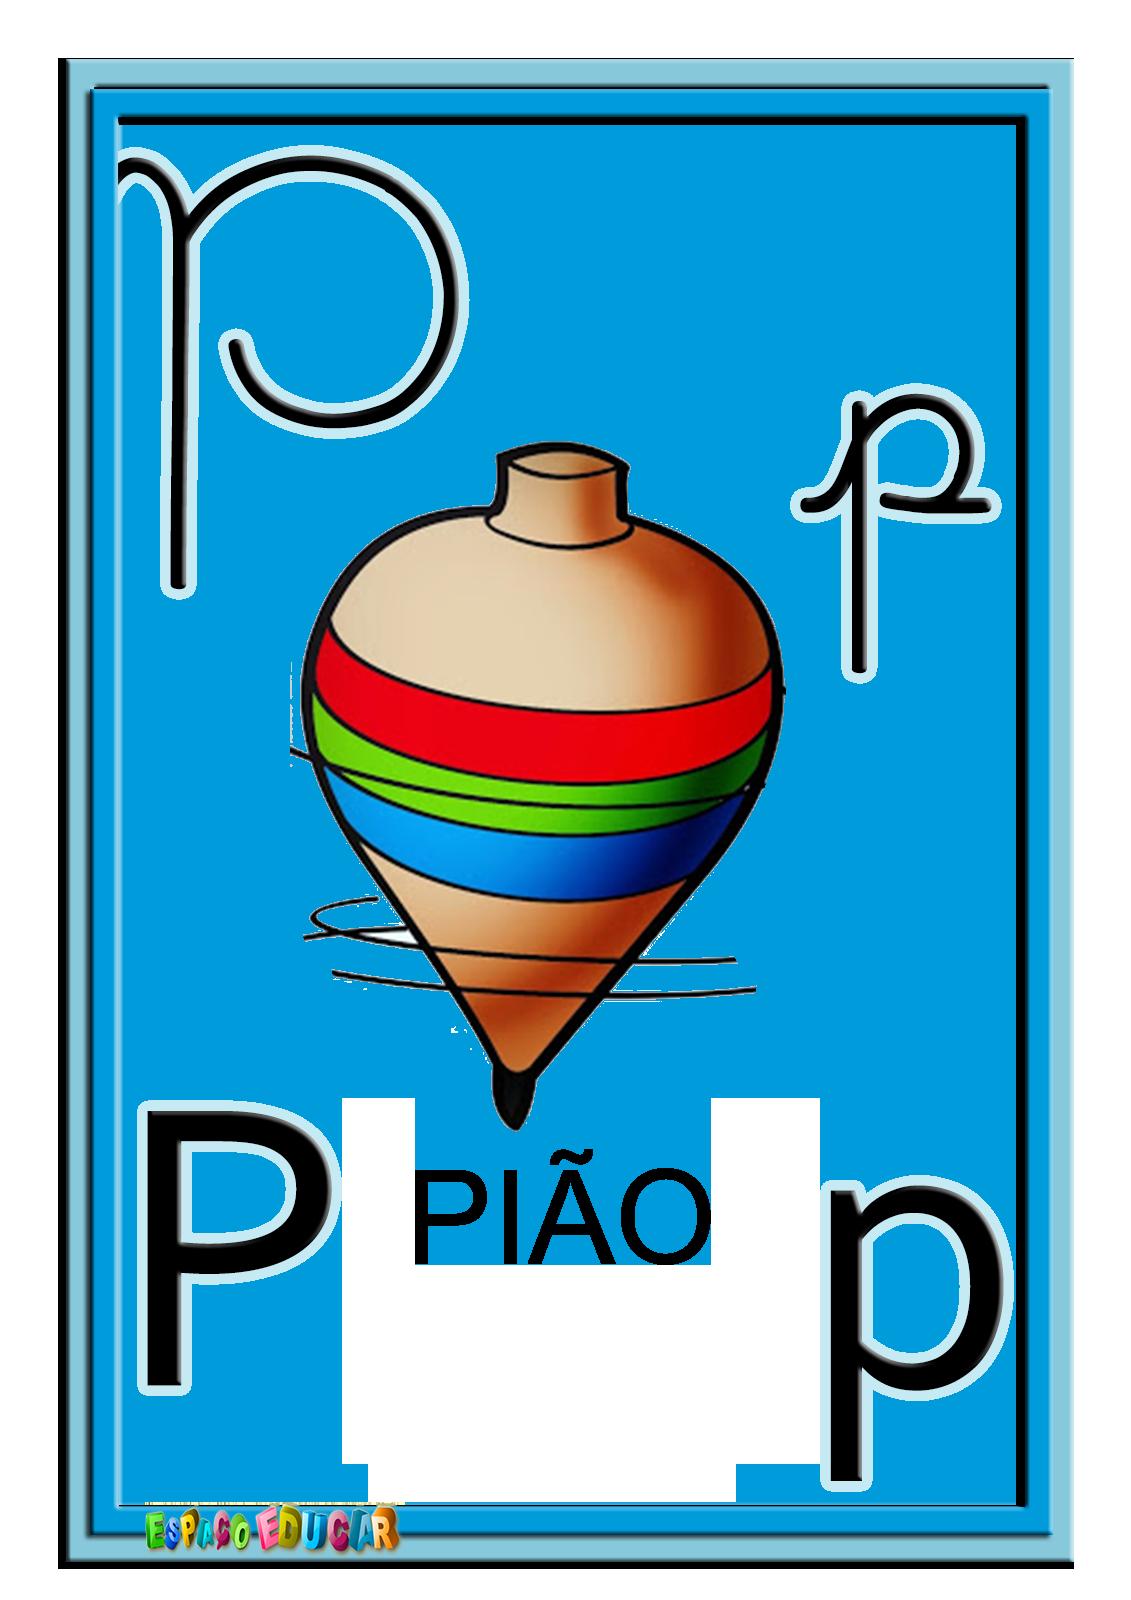 Alfabeto Quatro Tipos De Letras Colorido Ilustrado Alfabeto